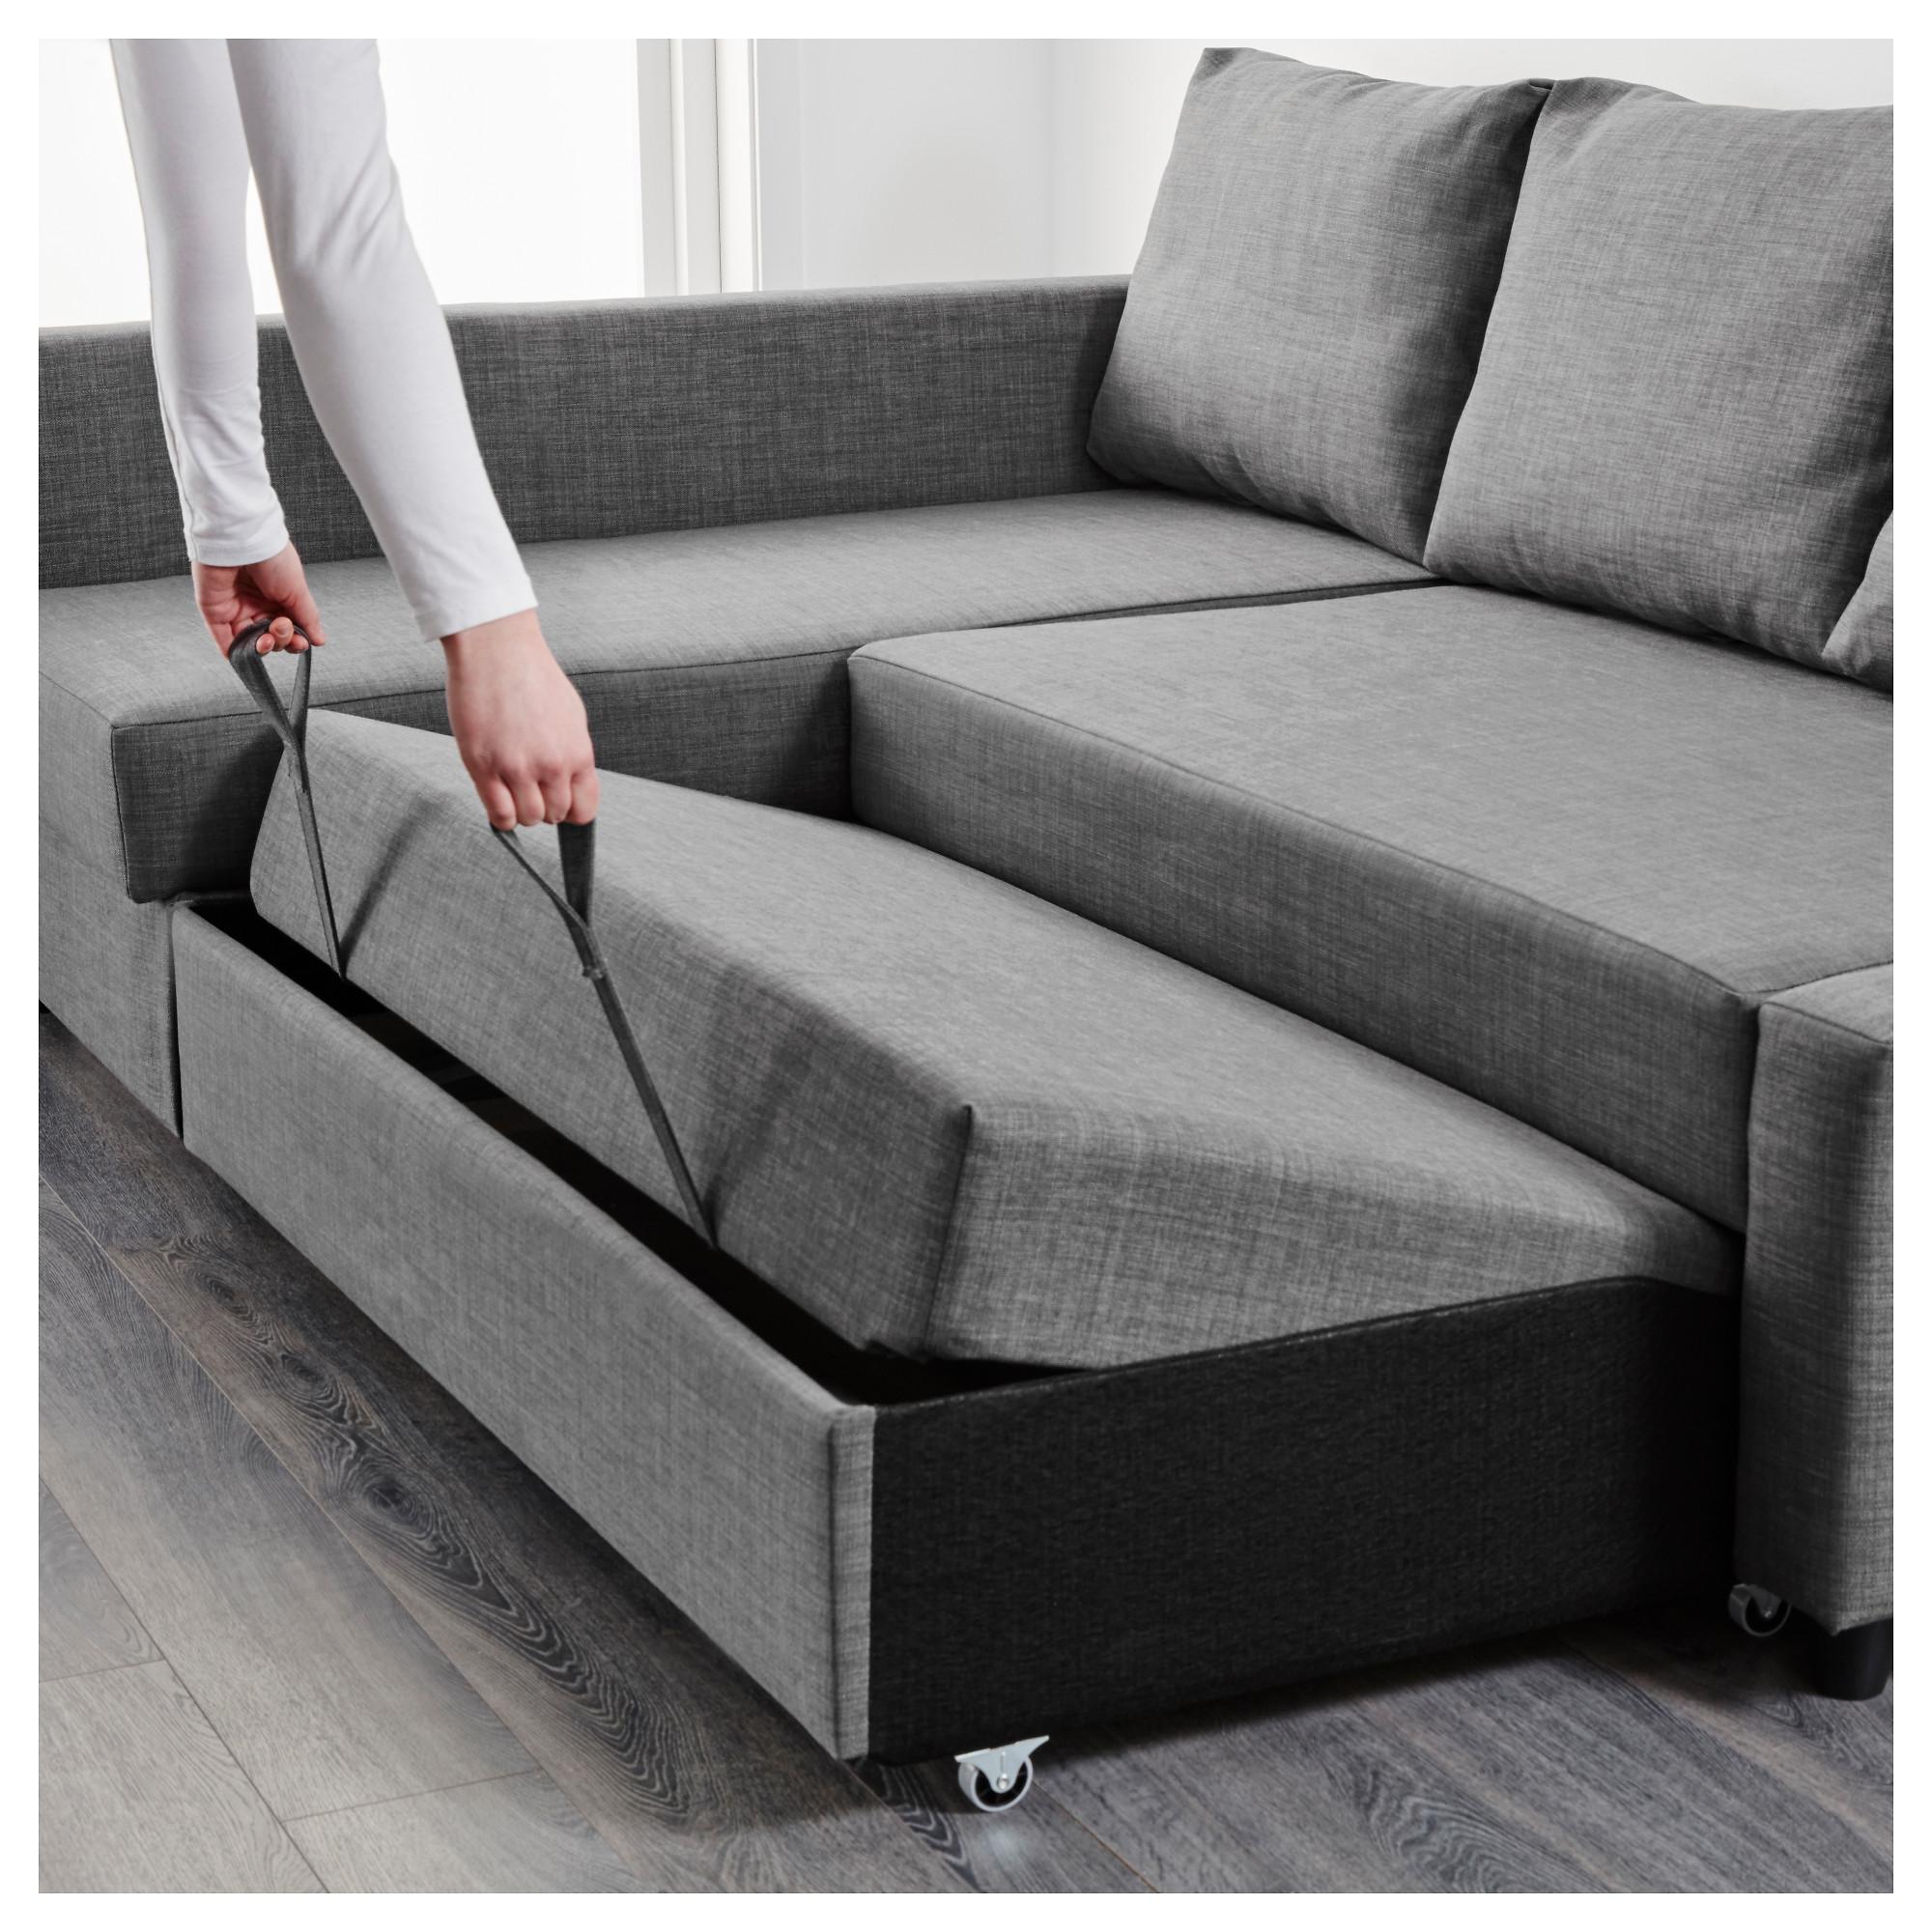 Sofa Friheten Ikea.Ikea Lithuania įsigyti Baldų Sviestuvų Interjero